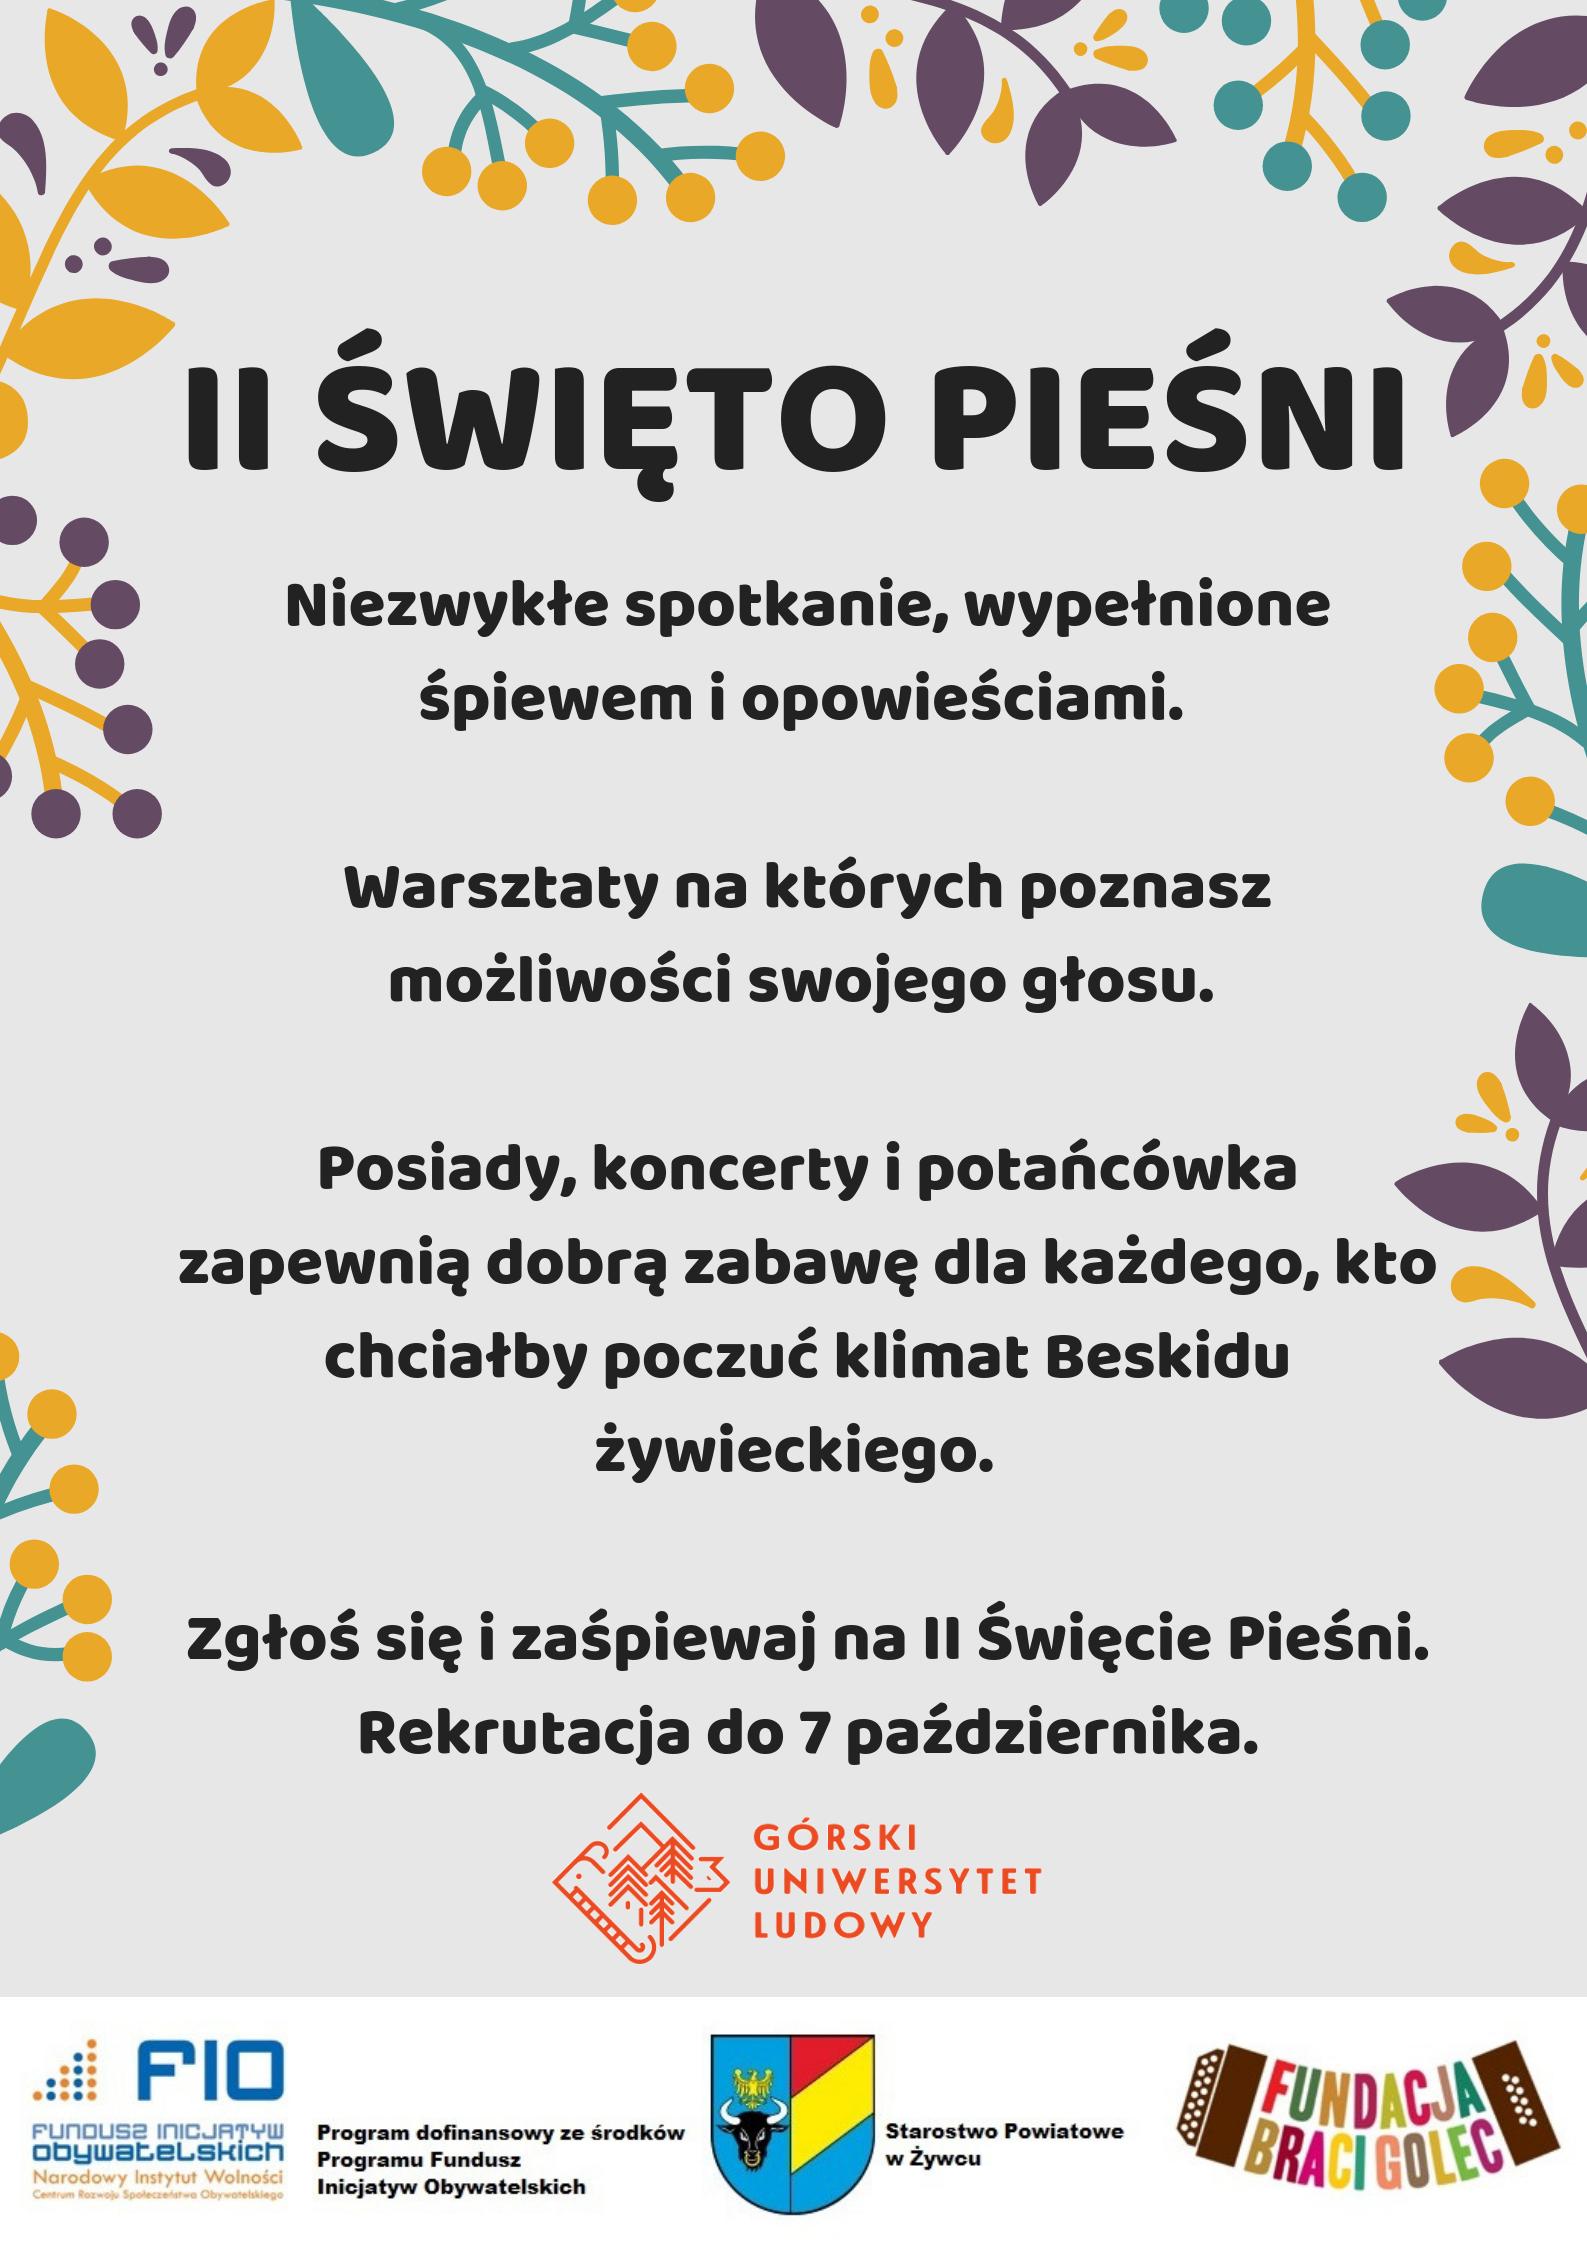 Poznam ludzi Polska Spoeczno | Gumtree